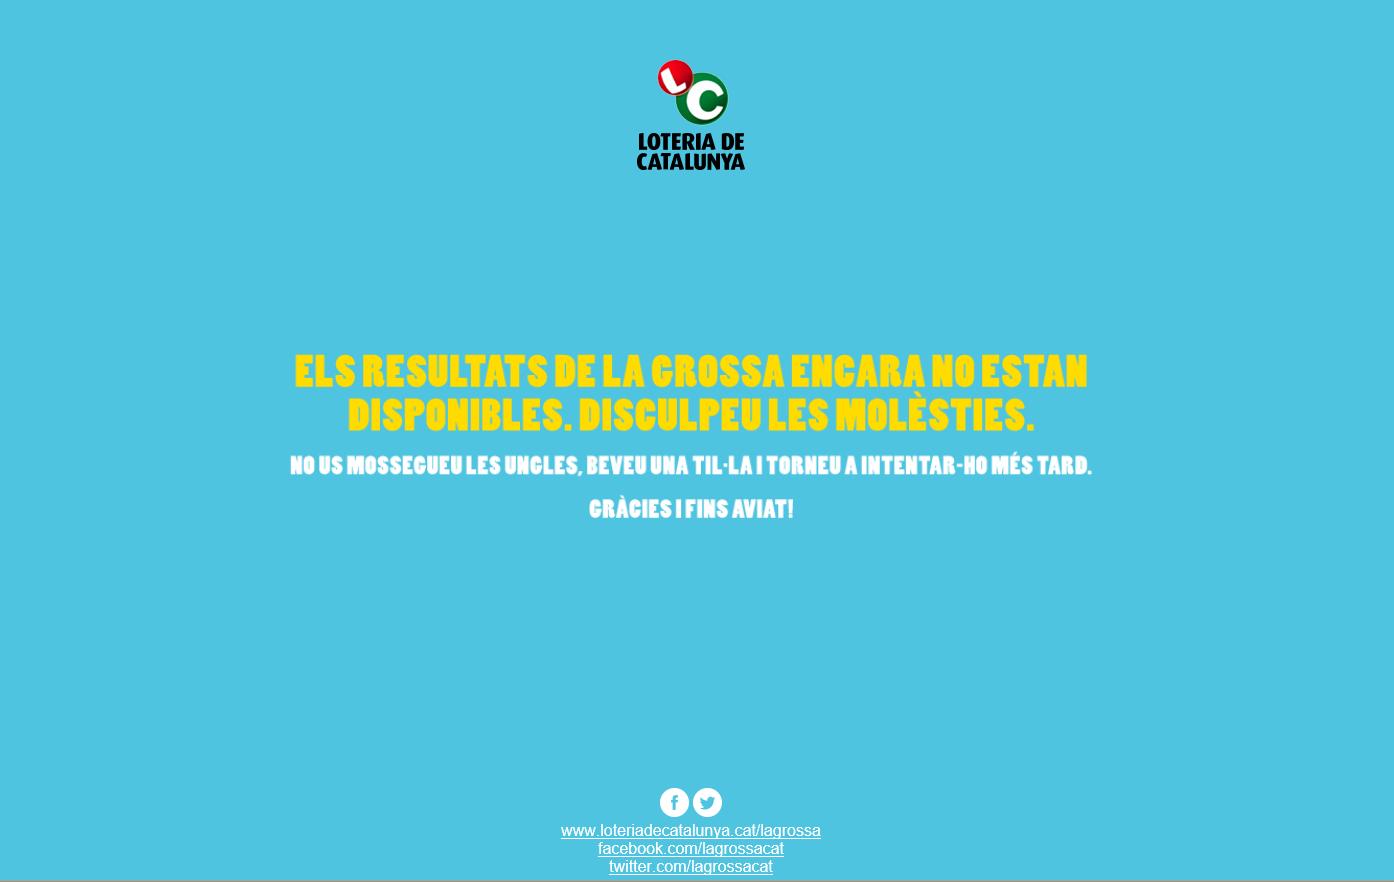 Captura pantalla del mensaje de error de la pagina web de Loteria de Cataluña vacío de contenido, ni na. Lasvocesdelpueblo.